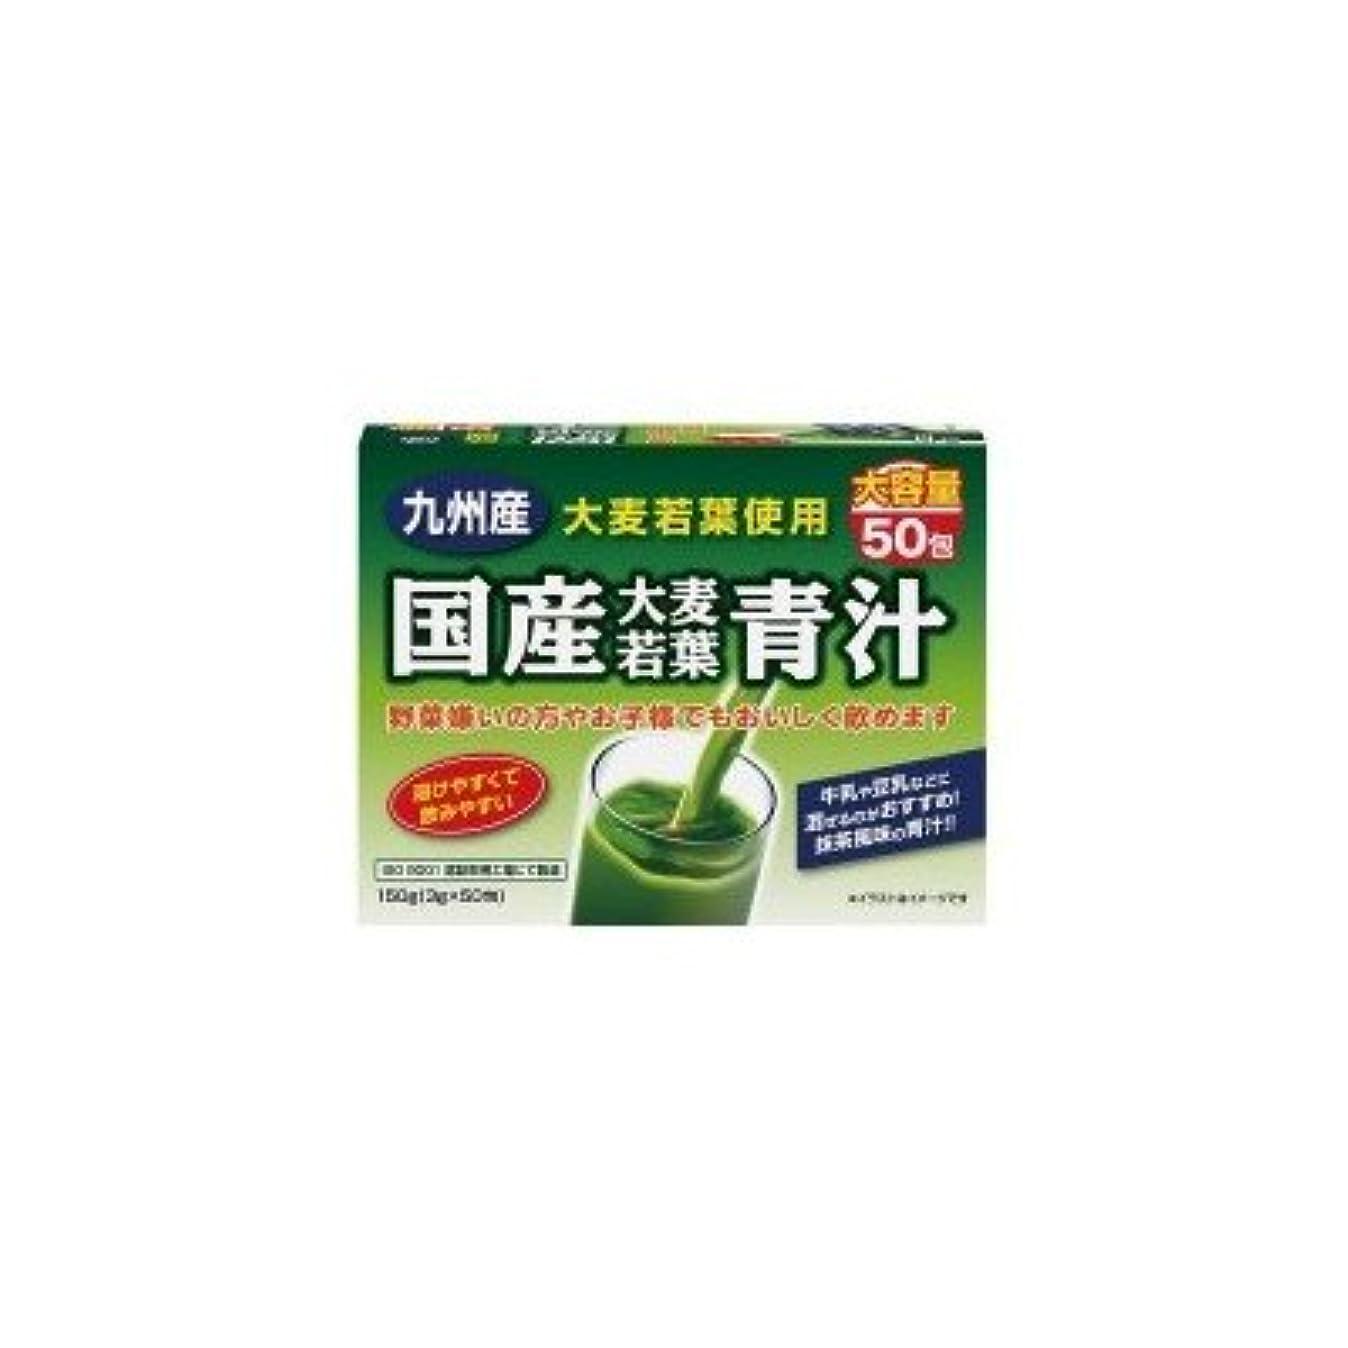 大事にする調整する知覚的ユーワ 九州産大麦若葉使用 国産大麦若葉青汁 150g(3g×50包) 3888